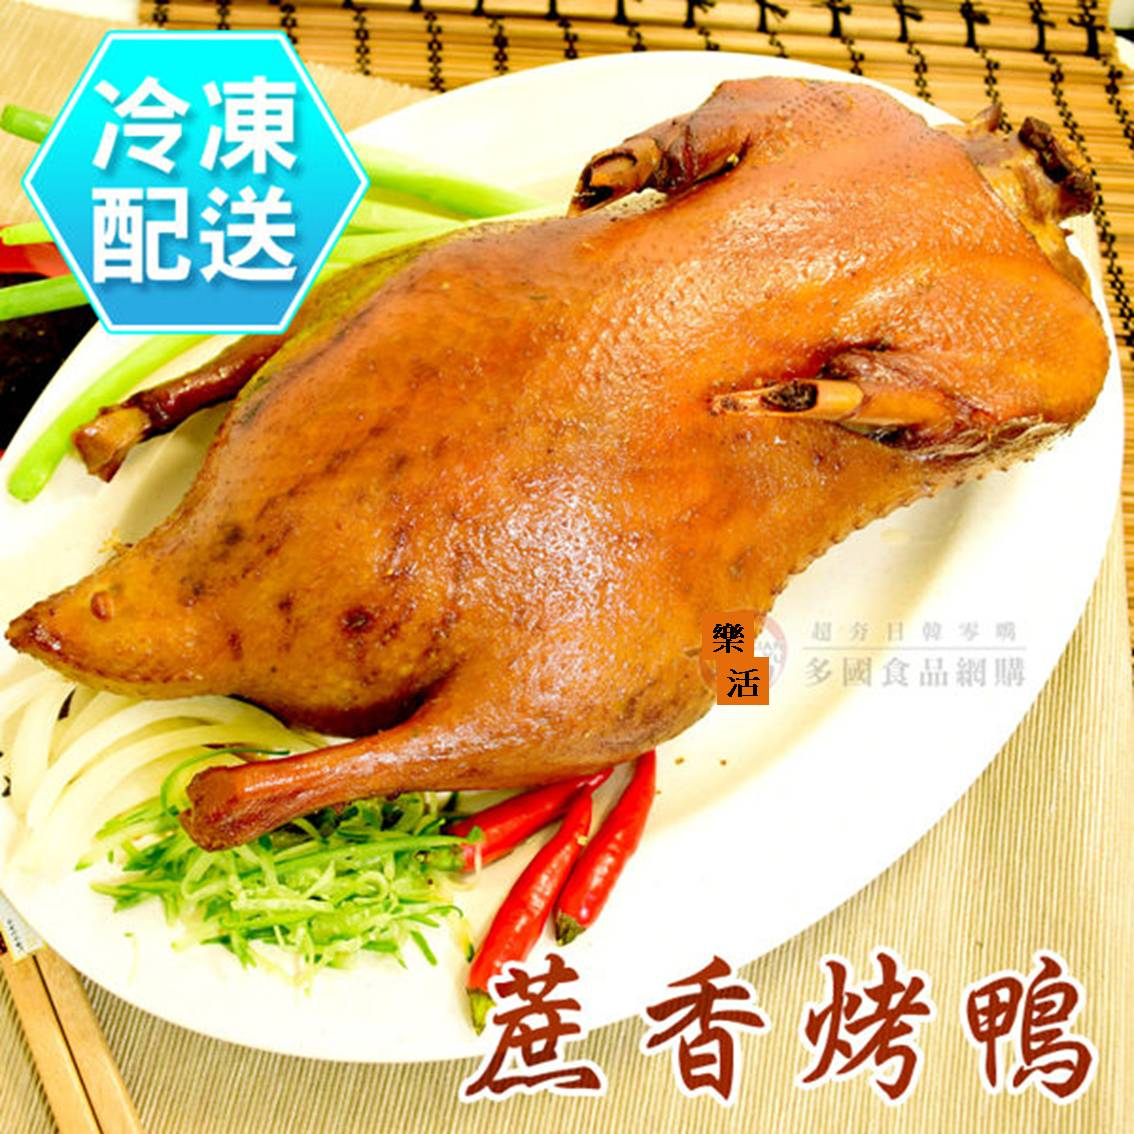 樂活生活館  蔗香烤鴨 (太空鴨無頭腳)1000g 冷凍配送  蔗雞王